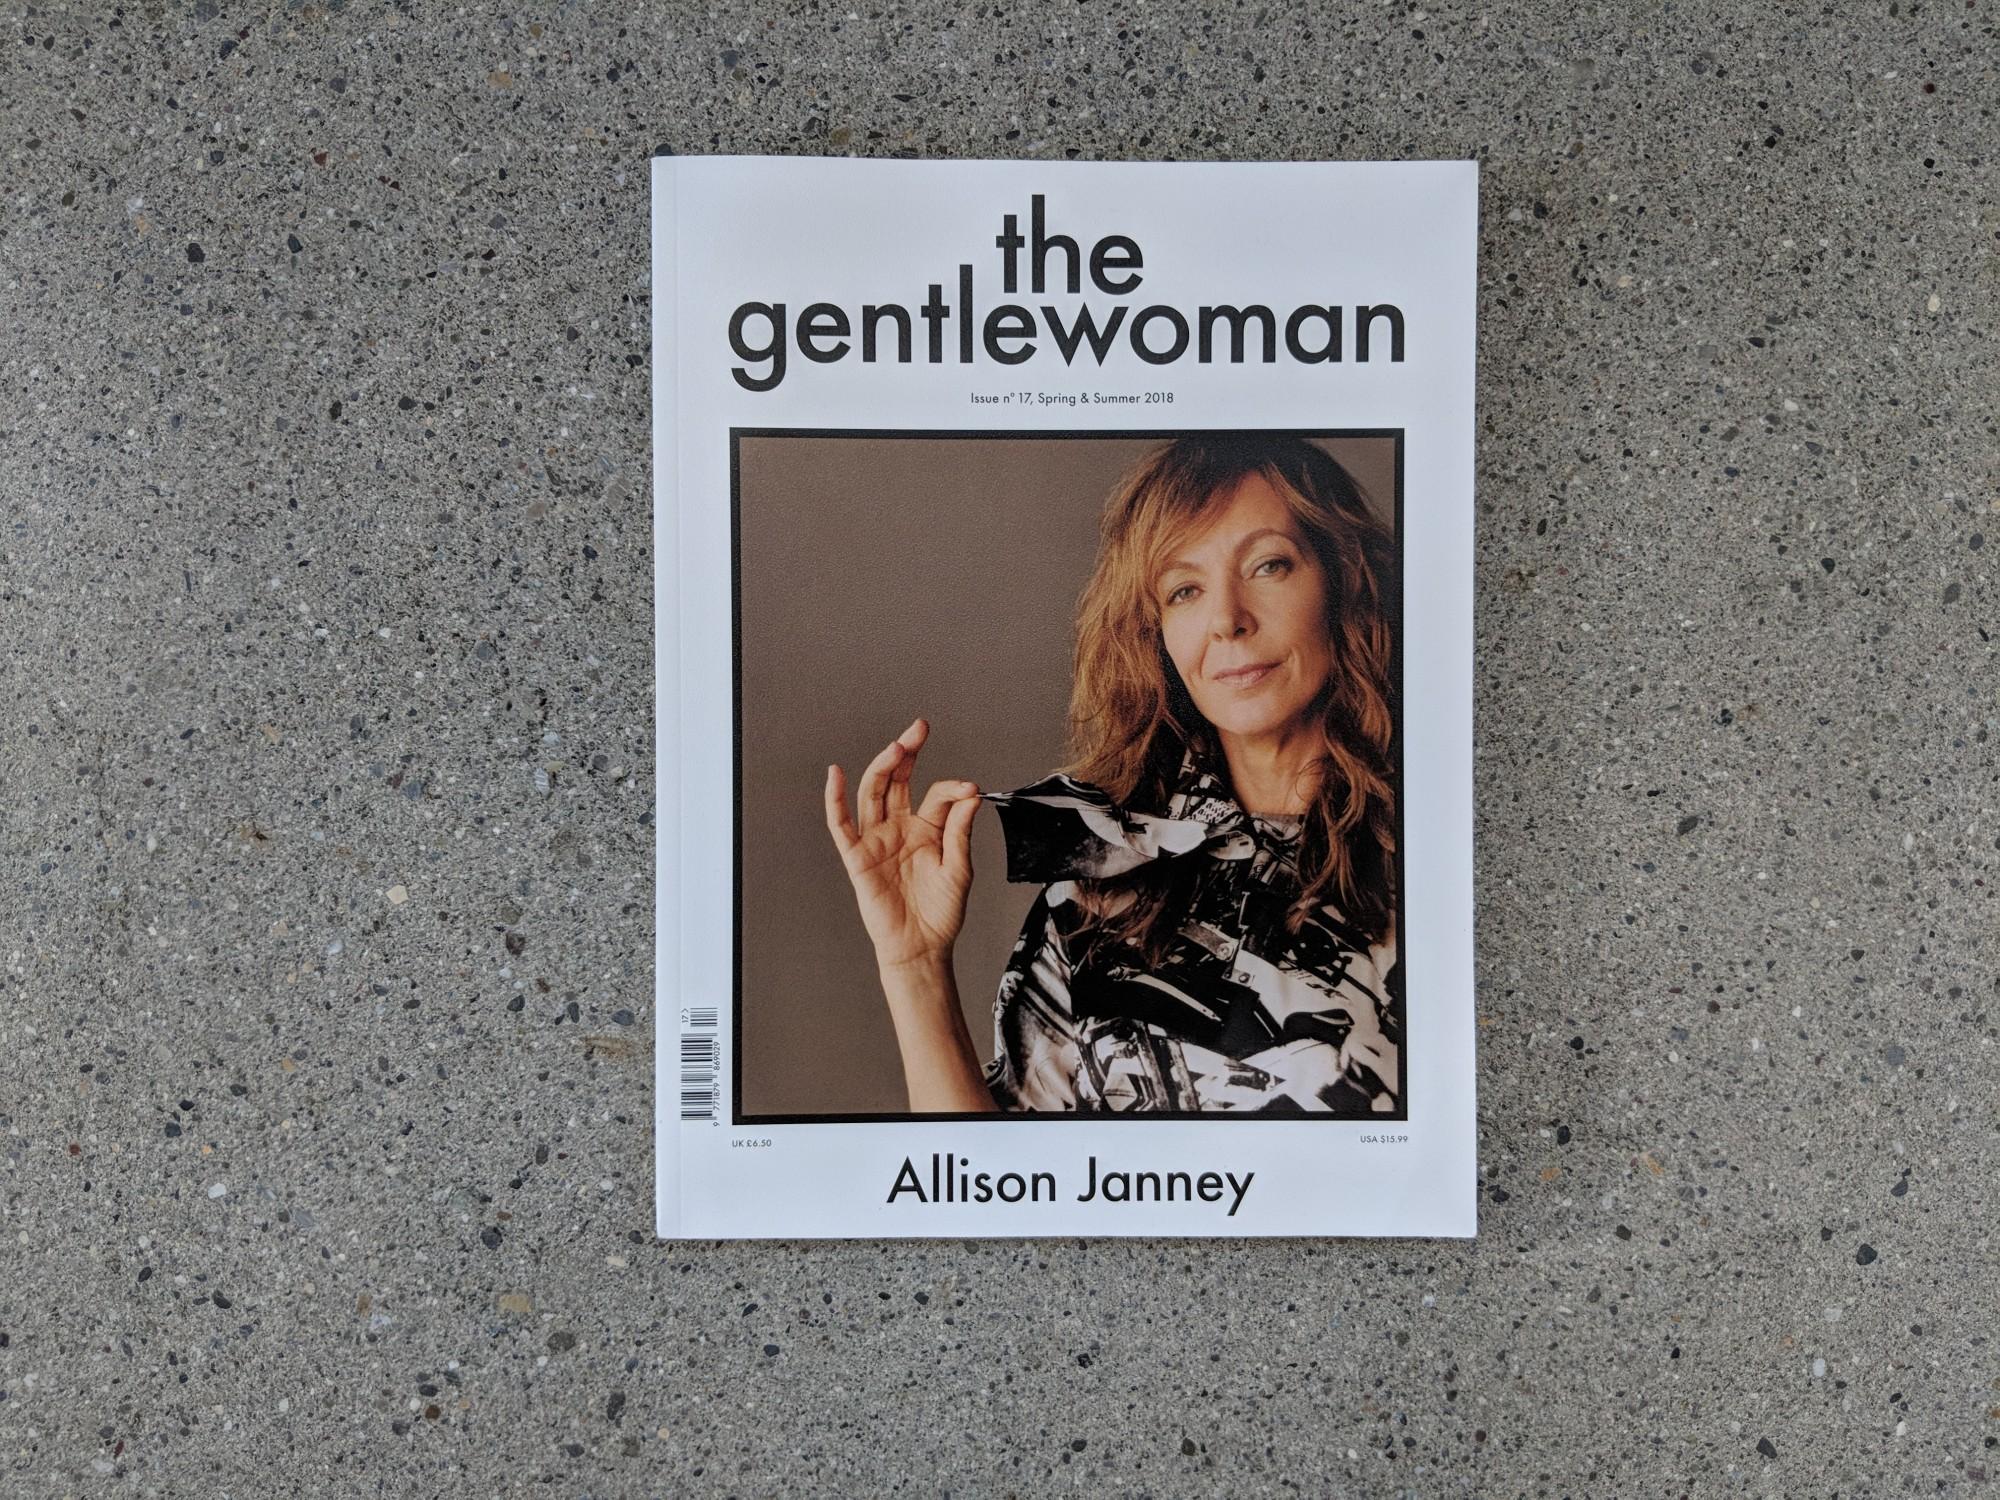 The Gentlewoman Allison Janney